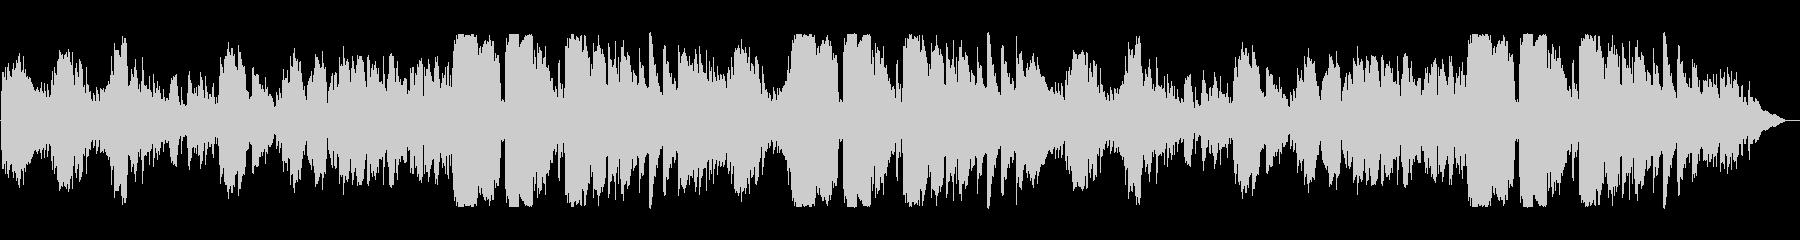 ケルト センチメンタル 感情的 静...の未再生の波形